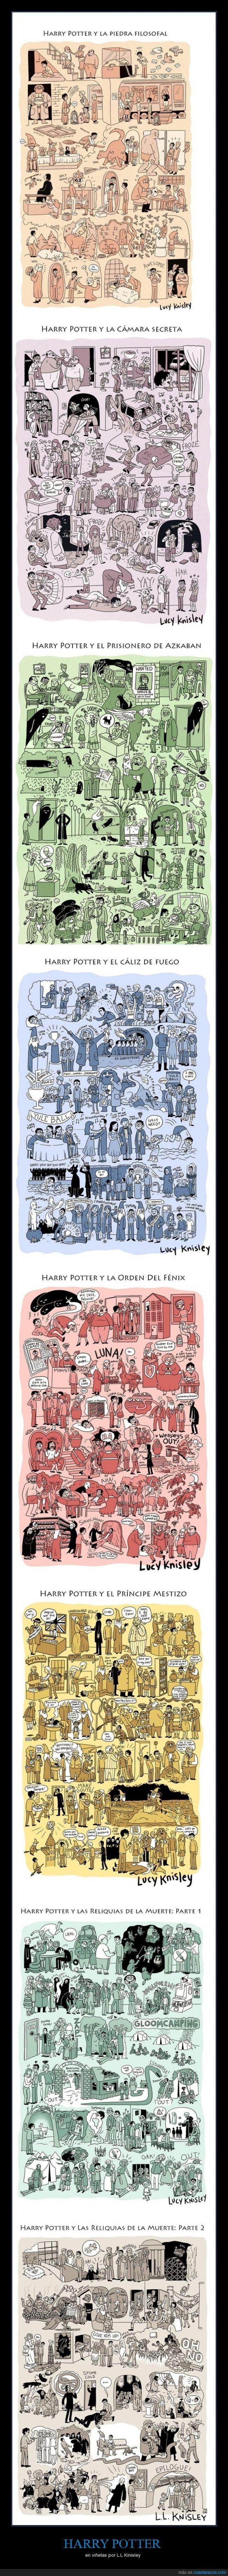 Harry Potter muy bien resumido - en viñetas por L.L Kinisley